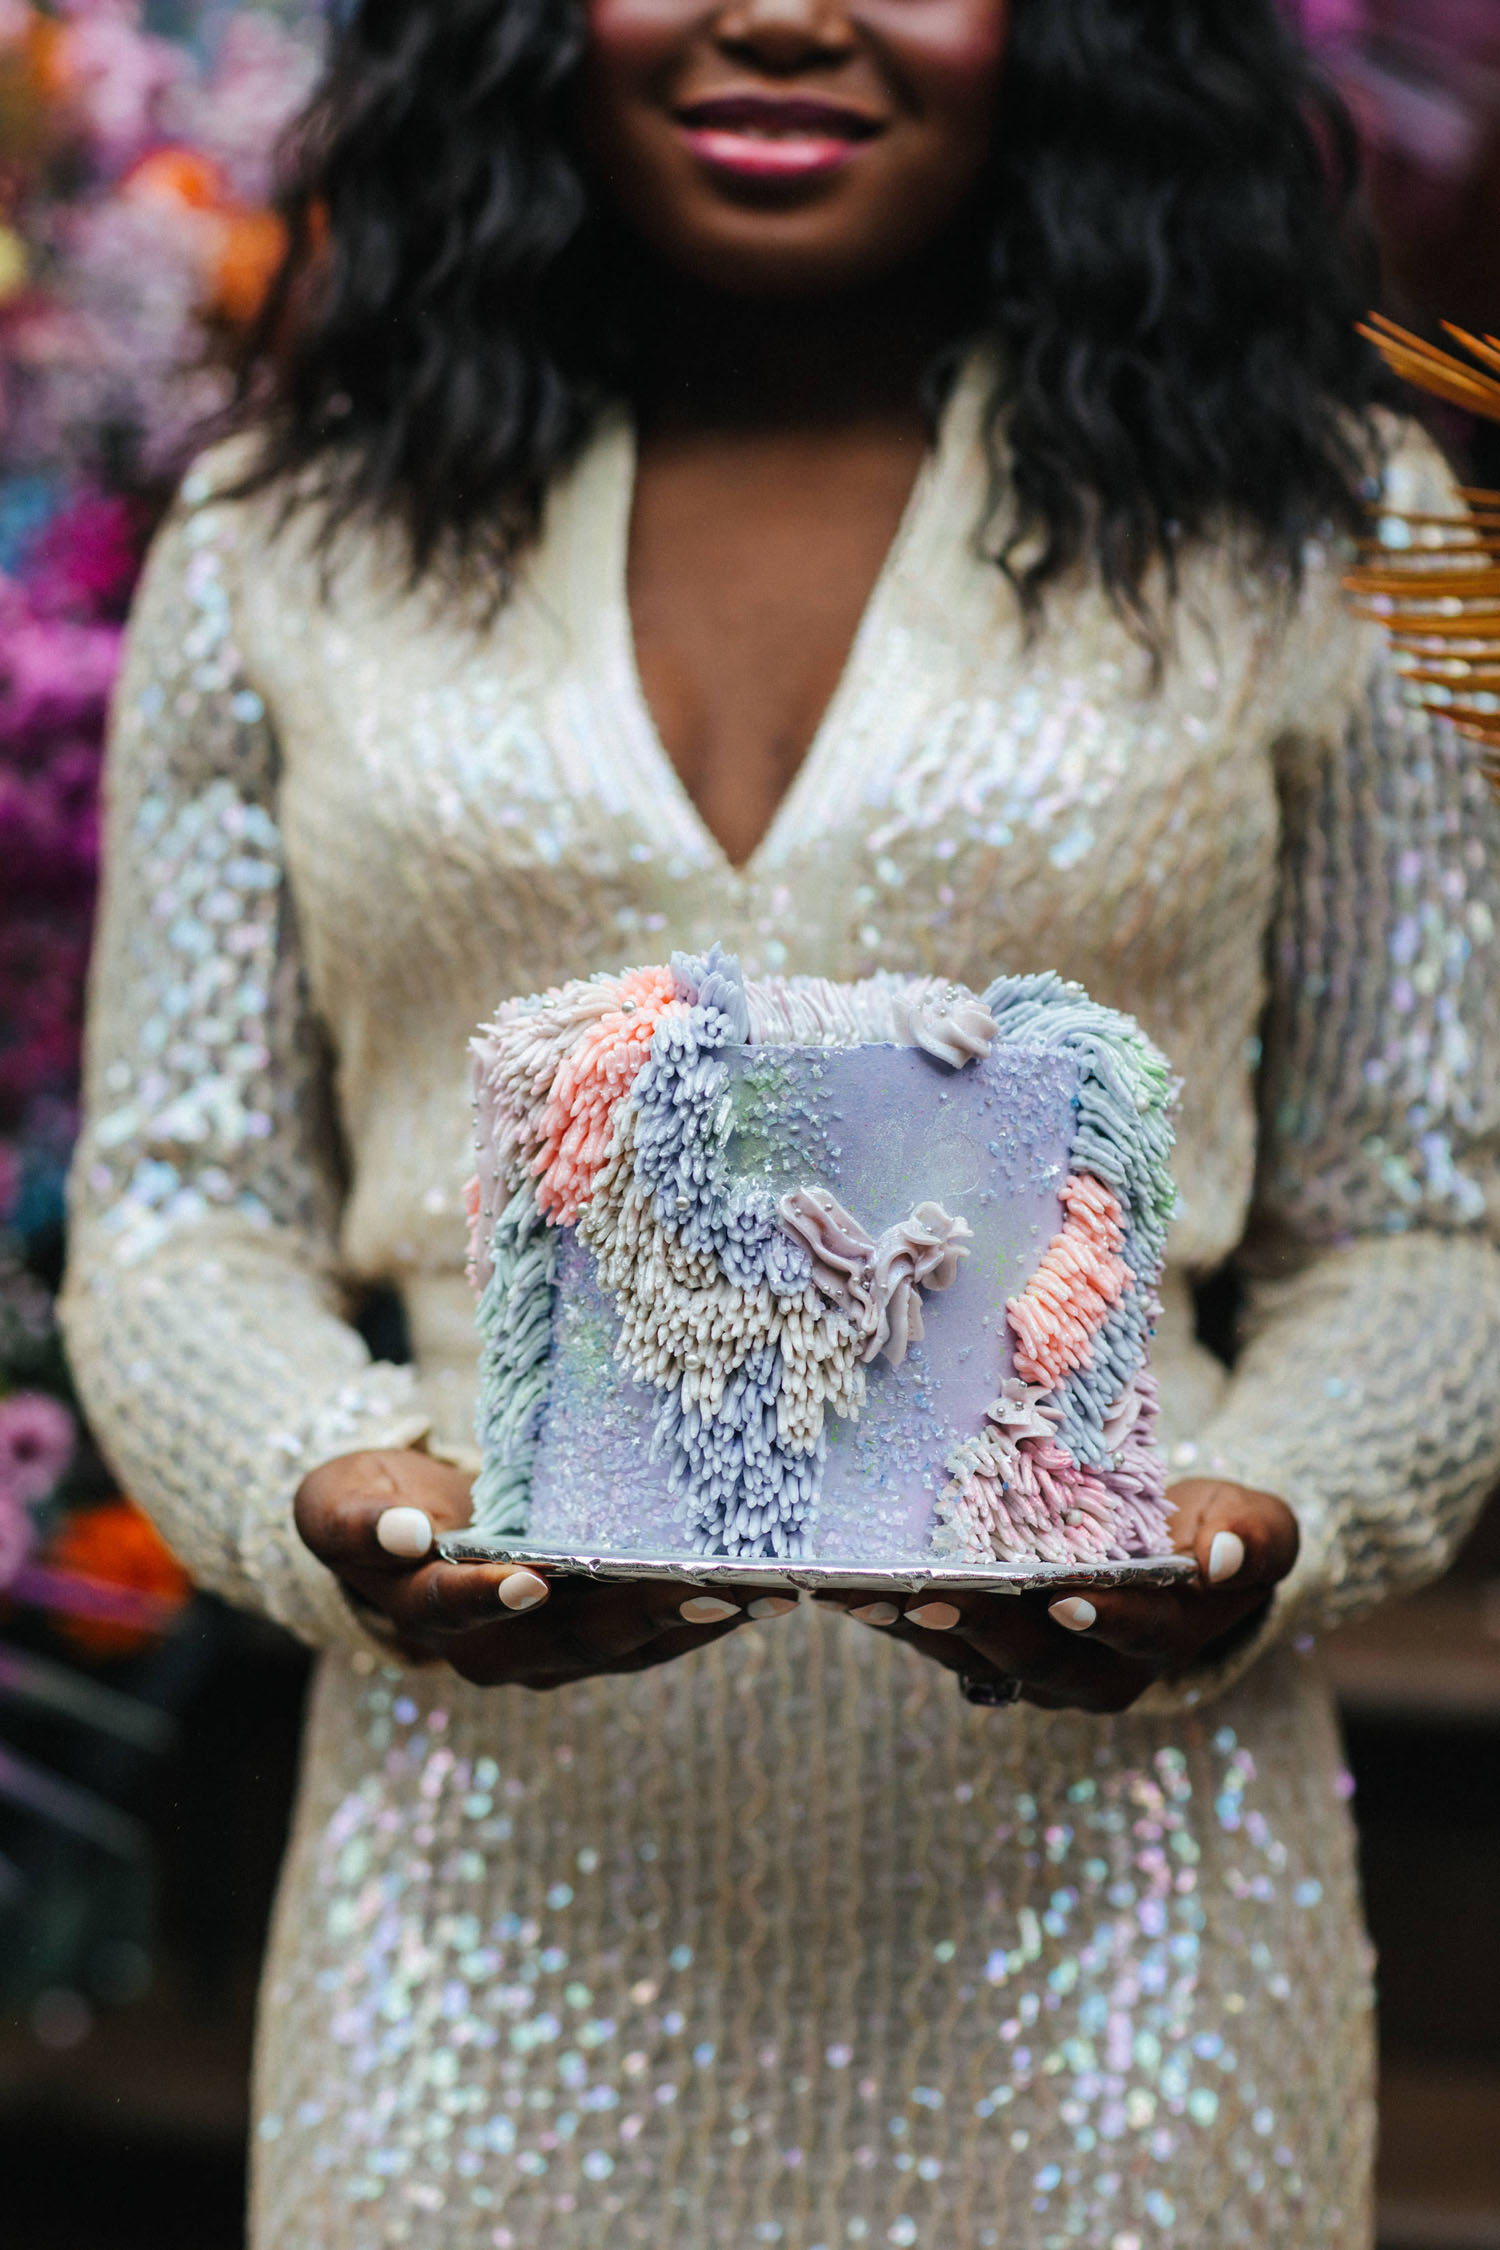 """Gâteau de mariage Pastel Shag One-Tier """"width ="""" 1500 """"height ="""" 2250 """"data-pin-description ="""" Un mariage voûté à Brooklyn lumineux et coloré avec une installation florale rampe inspirée d'une robe irisée vintage! Découvrez toute l'inspiration de la fugue avec des détails amusants et réalisables sur le mariage à domicile sur les chaussures de mariage vertes. """"Data-pin-title ="""" Gâteau de mariage pastel Shag One-Tier """"srcset ="""" https://greenweddingshoes.com/wp-content/ uploads / 2021/01/21-Colorful-Brooklyn-Stoop-Elopement.jpg 1500w, https://i0.wp.com/greenweddingshoes.com/wp-content/uploads/2021/01/21-Colorful-Brooklyn-Stoop -Elopement.jpg? Resize = 200,300 200w, https://i0.wp.com/greenweddingshoes.com/wp-content/uploads/2021/01/21-Colorful-Brooklyn-Stoop-Elopement.jpg?resize=683, 1024 683w, https://i0.wp.com/greenweddingshoes.com/wp-content/uploads/2021/01/21-Colorful-Brooklyn-Stoop-Elopement.jpg?resize=768,1152 768w, https: // i0.wp.com/greenweddingshoes.com/wp-content/uploads/2021/01/21-Colorful-Brooklyn-Stoop-Elopement.jpg?resize=700,1050 700w, https://i0.wp.com/greenweddingshoes .com / wp-content / uploads / 2021/01/21-Colorful-Brooklyn-Stoop-Elopement.jpg? resize = 337 506 337w, https://i0.wp.com/greenweddingshoes.com/wp-content/uploads/ 2021/01/21-coloré-Br ooklyn-Stoop-Elopement.jpg? resize = 800,1200 800w, https://i0.wp.com/greenweddingshoes.com/wp-content/uploads/2021/01/21-Colorful-Brooklyn-Stoop-Elopement.jpg ? resize = 400,600 400w, https://i0.wp.com/greenweddingshoes.com/wp-content/uploads/2021/01/21-Colorful-Brooklyn-Stoop-Elopement.jpg?resize=1024,1536 1024w, https : //i0.wp.com/greenweddingshoes.com/wp-content/uploads/2021/01/21-Colorful-Brooklyn-Stoop-Elopement.jpg? resize = 1365,2048 1365w, https: //i0.wp. com / greenweddingshoes.com / wp-content / uploads / 2021/01/21-Colorful-Brooklyn-Stoop-Elopement.jpg? resize = 150,225 150w, https://i0.wp.com/greenweddingshoes.com/wp-content /uploads/2021/01/21-Colorful-Brooklyn-Stoop-Elopement.jpg?resize=300,"""